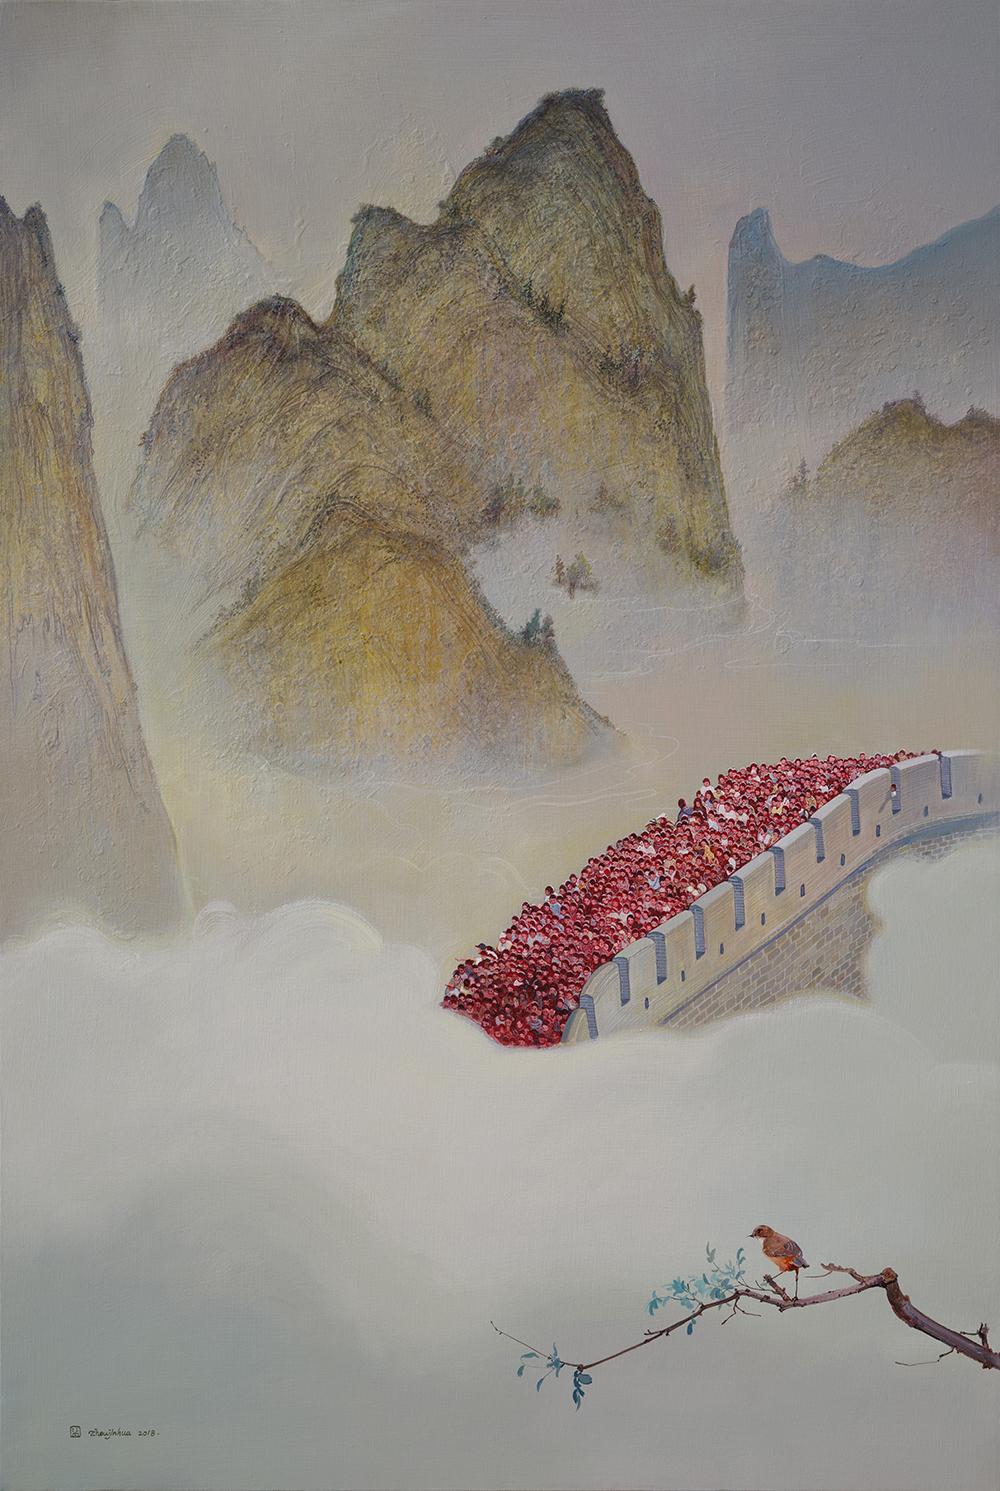 Zhou Jinhua 周金华, Calm and Clamor 寂静与喧哗, 2017, Oil and acrylic on canvas 布面油彩、丙烯, 150 x 100 cm